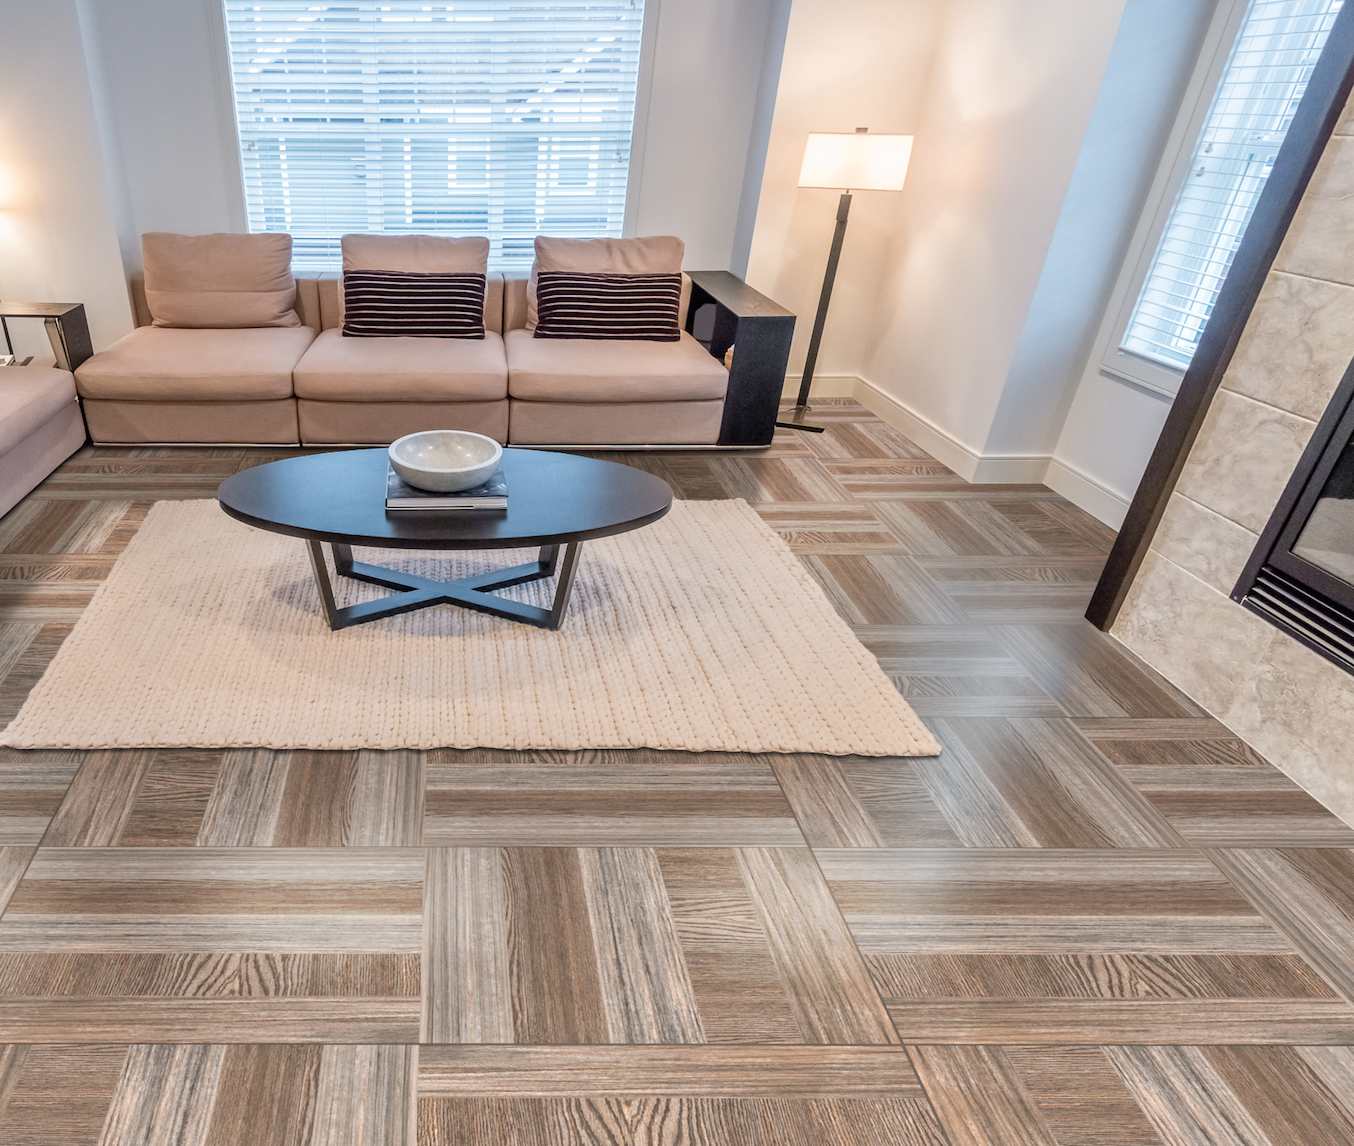 Define el espacio de tu hogar que deseas remodelar for Remodelar piso antiguo